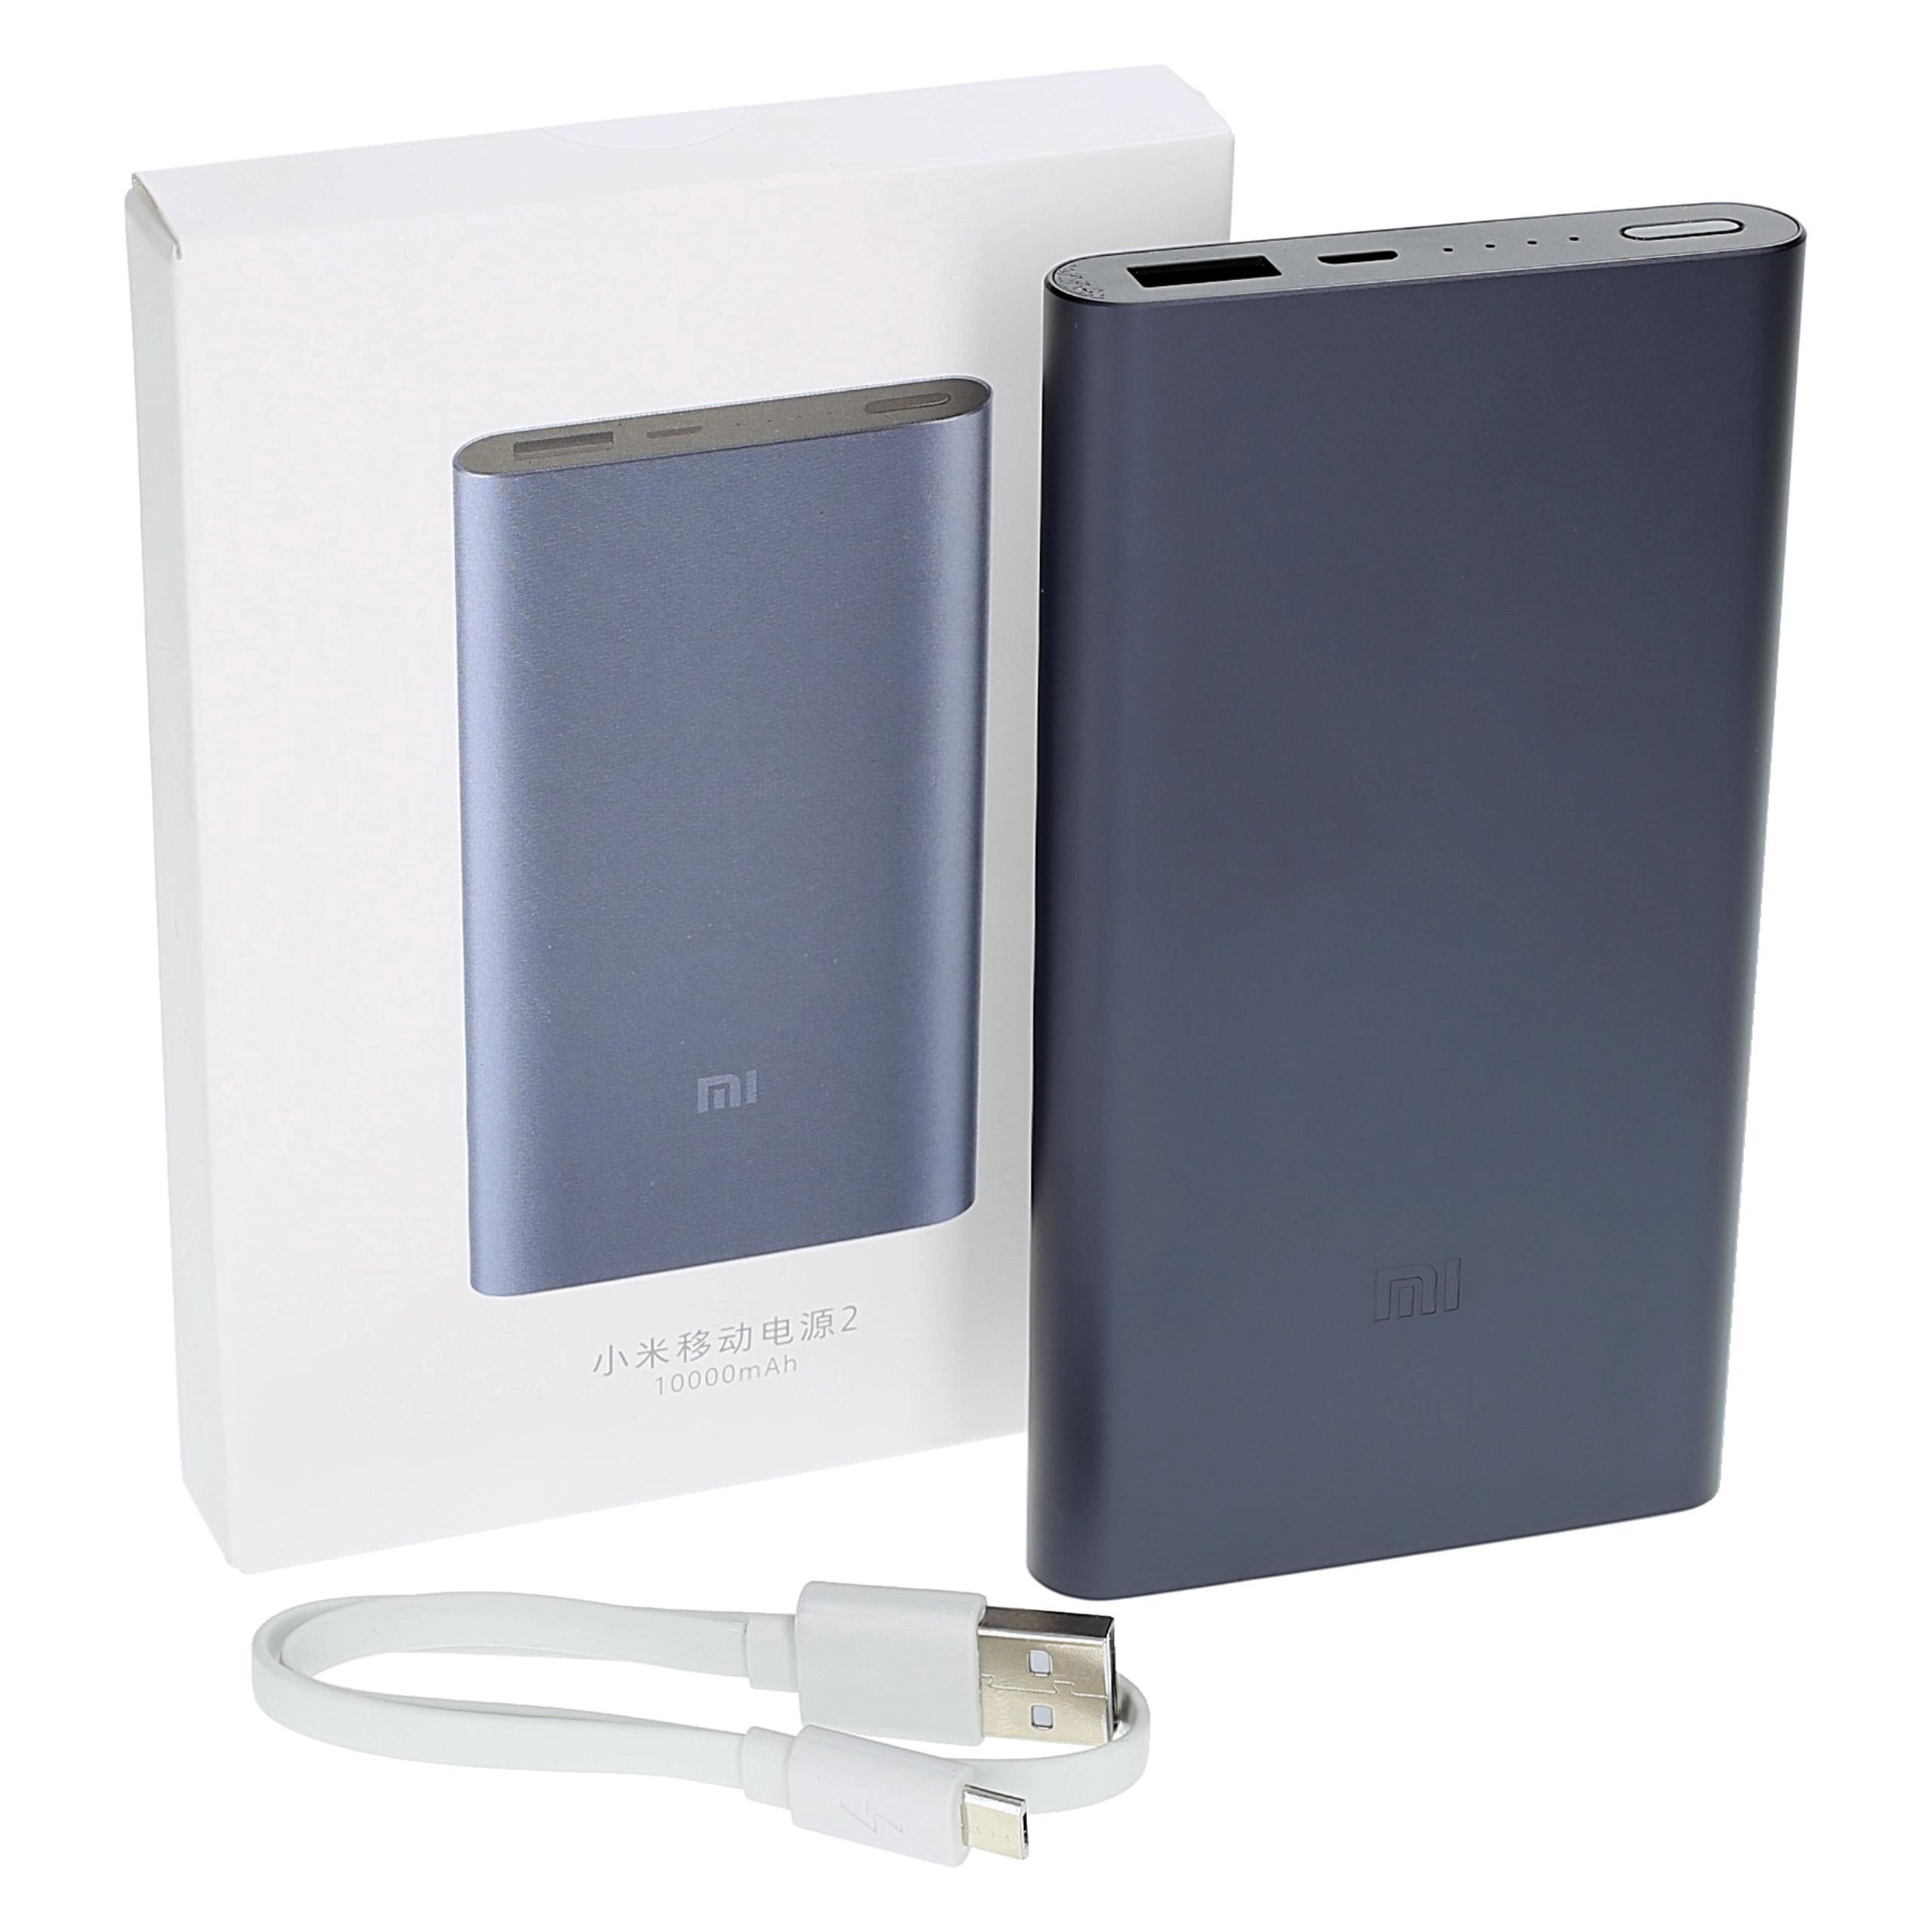 Powerbank Do Alcatel One Touch Pixi 3 4013m